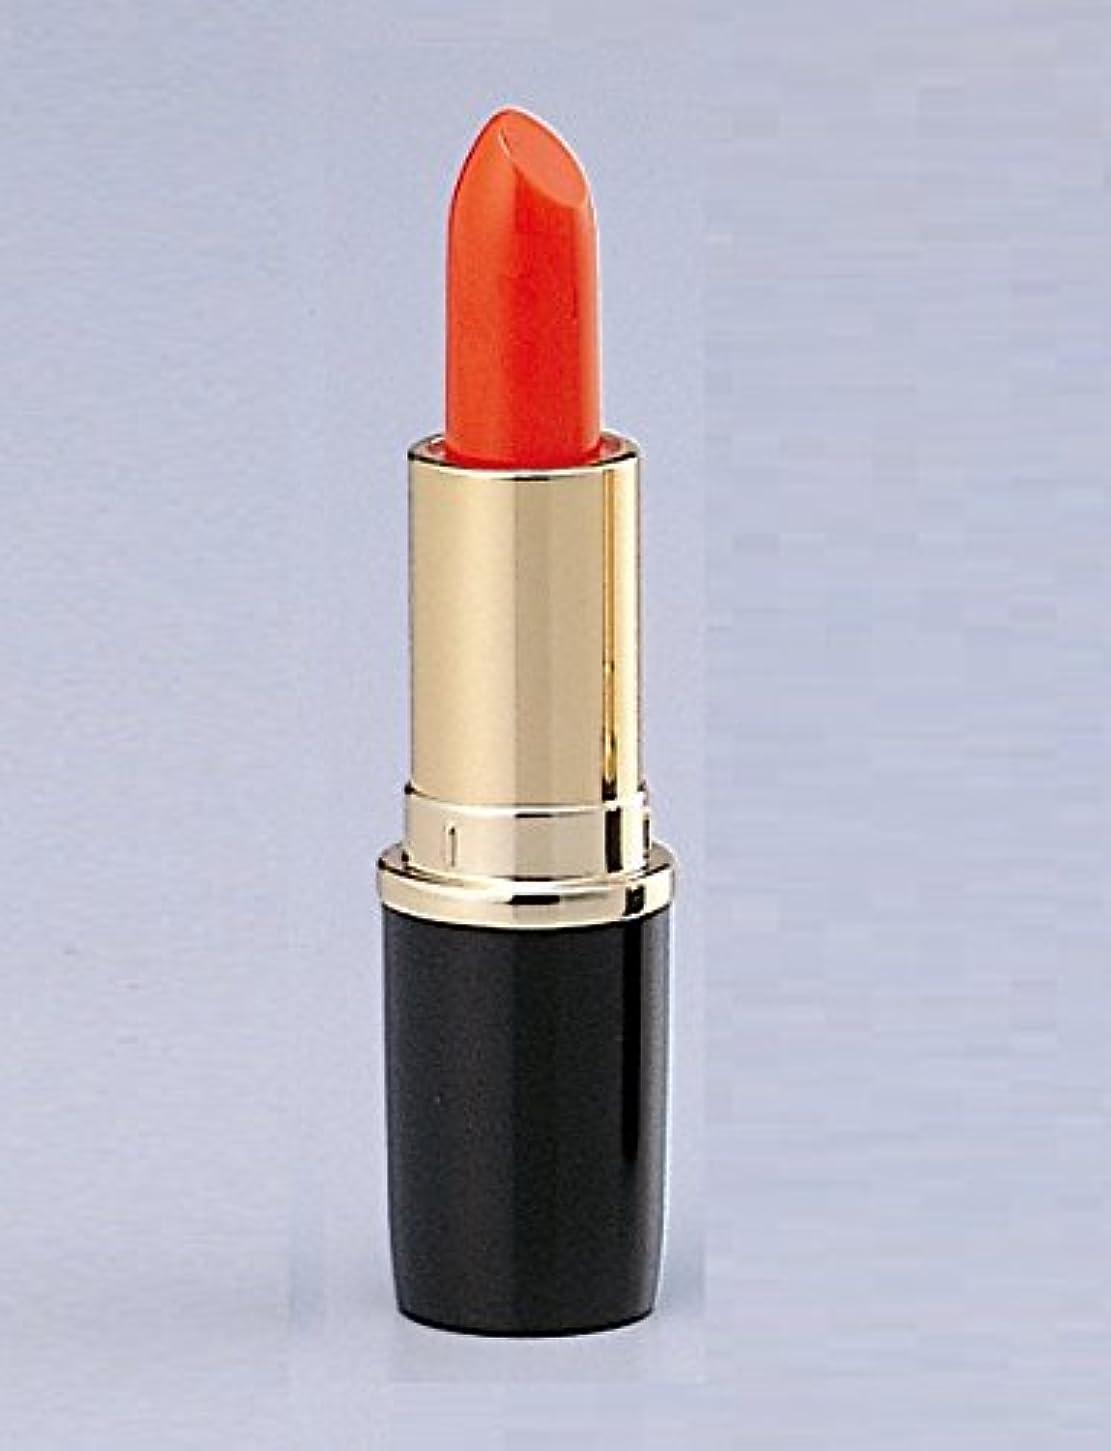 ベンチグリース重々しいアロチャーム ミラクルリップ 3本組 (オレンジ)